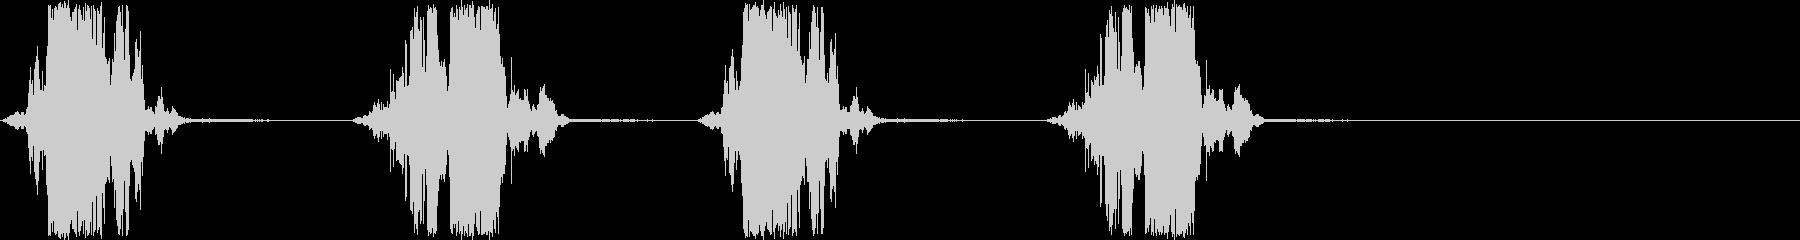 ザクザクザクザク 穴掘りの音の未再生の波形